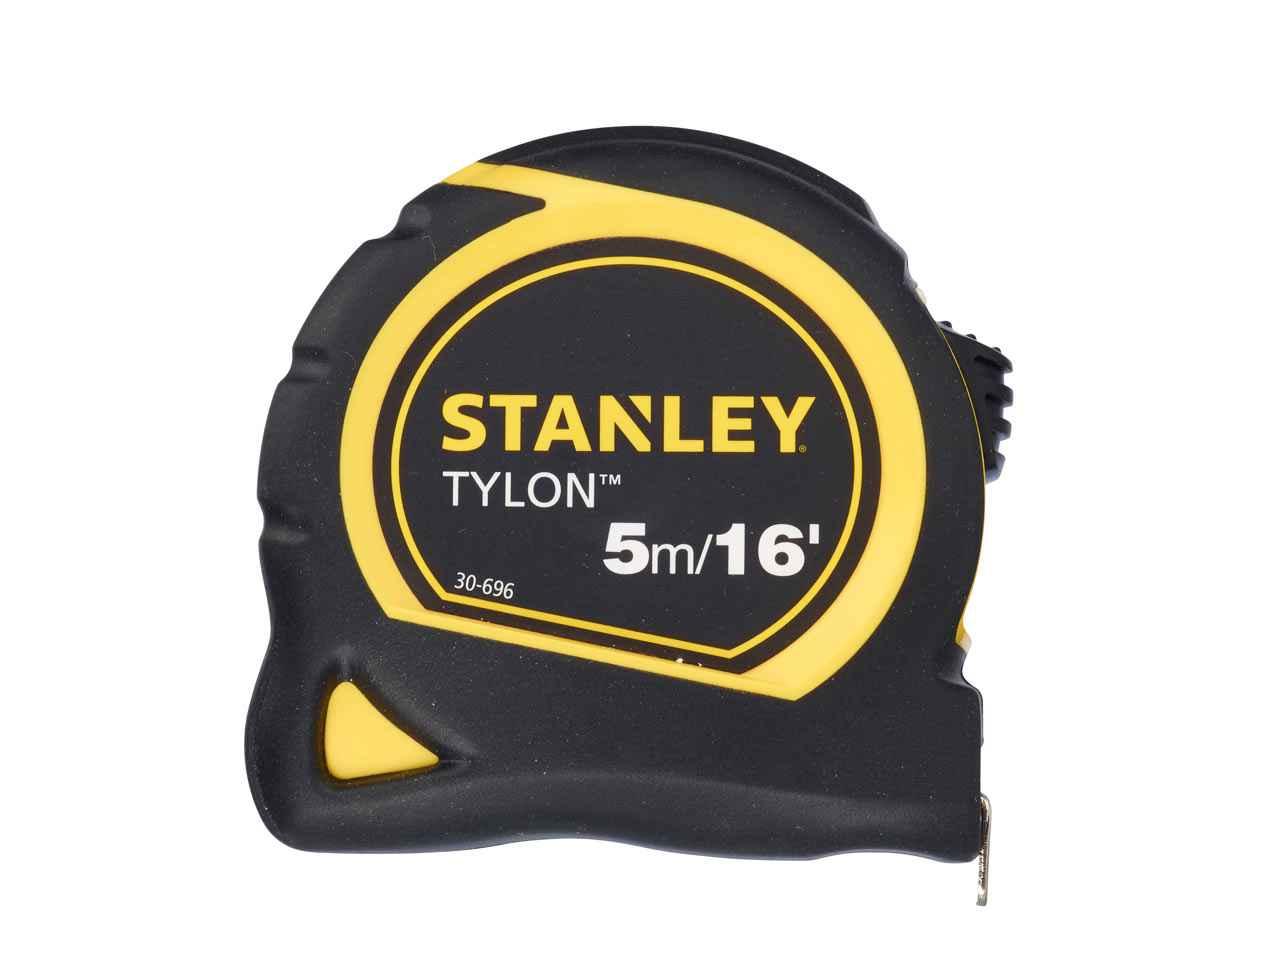 Stanley_STA030696N.jpg